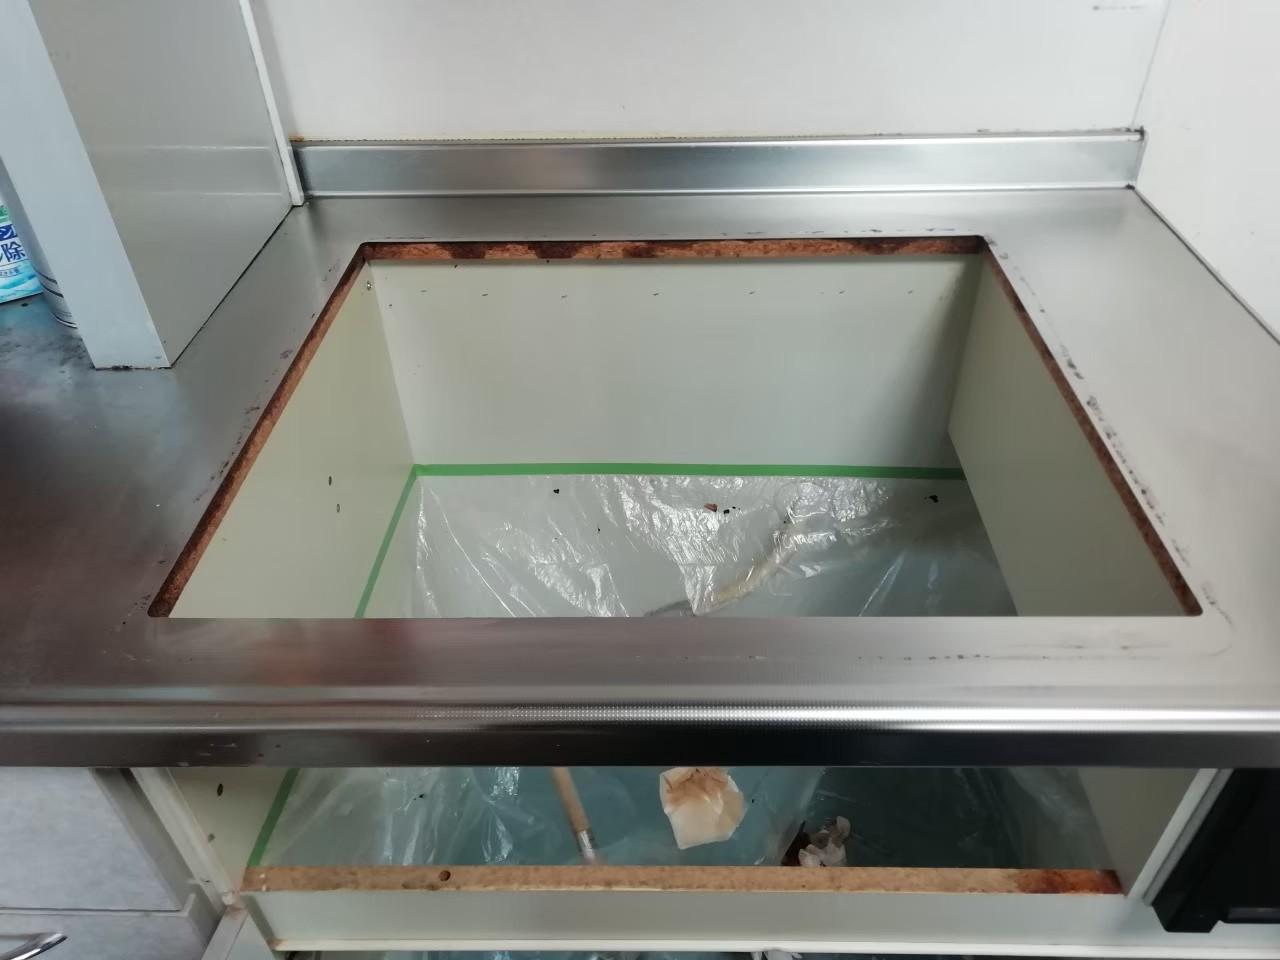 リンナイ メタルトップ ガスコンロの交換|RS31W28H2RBW|京都市左京区岩倉